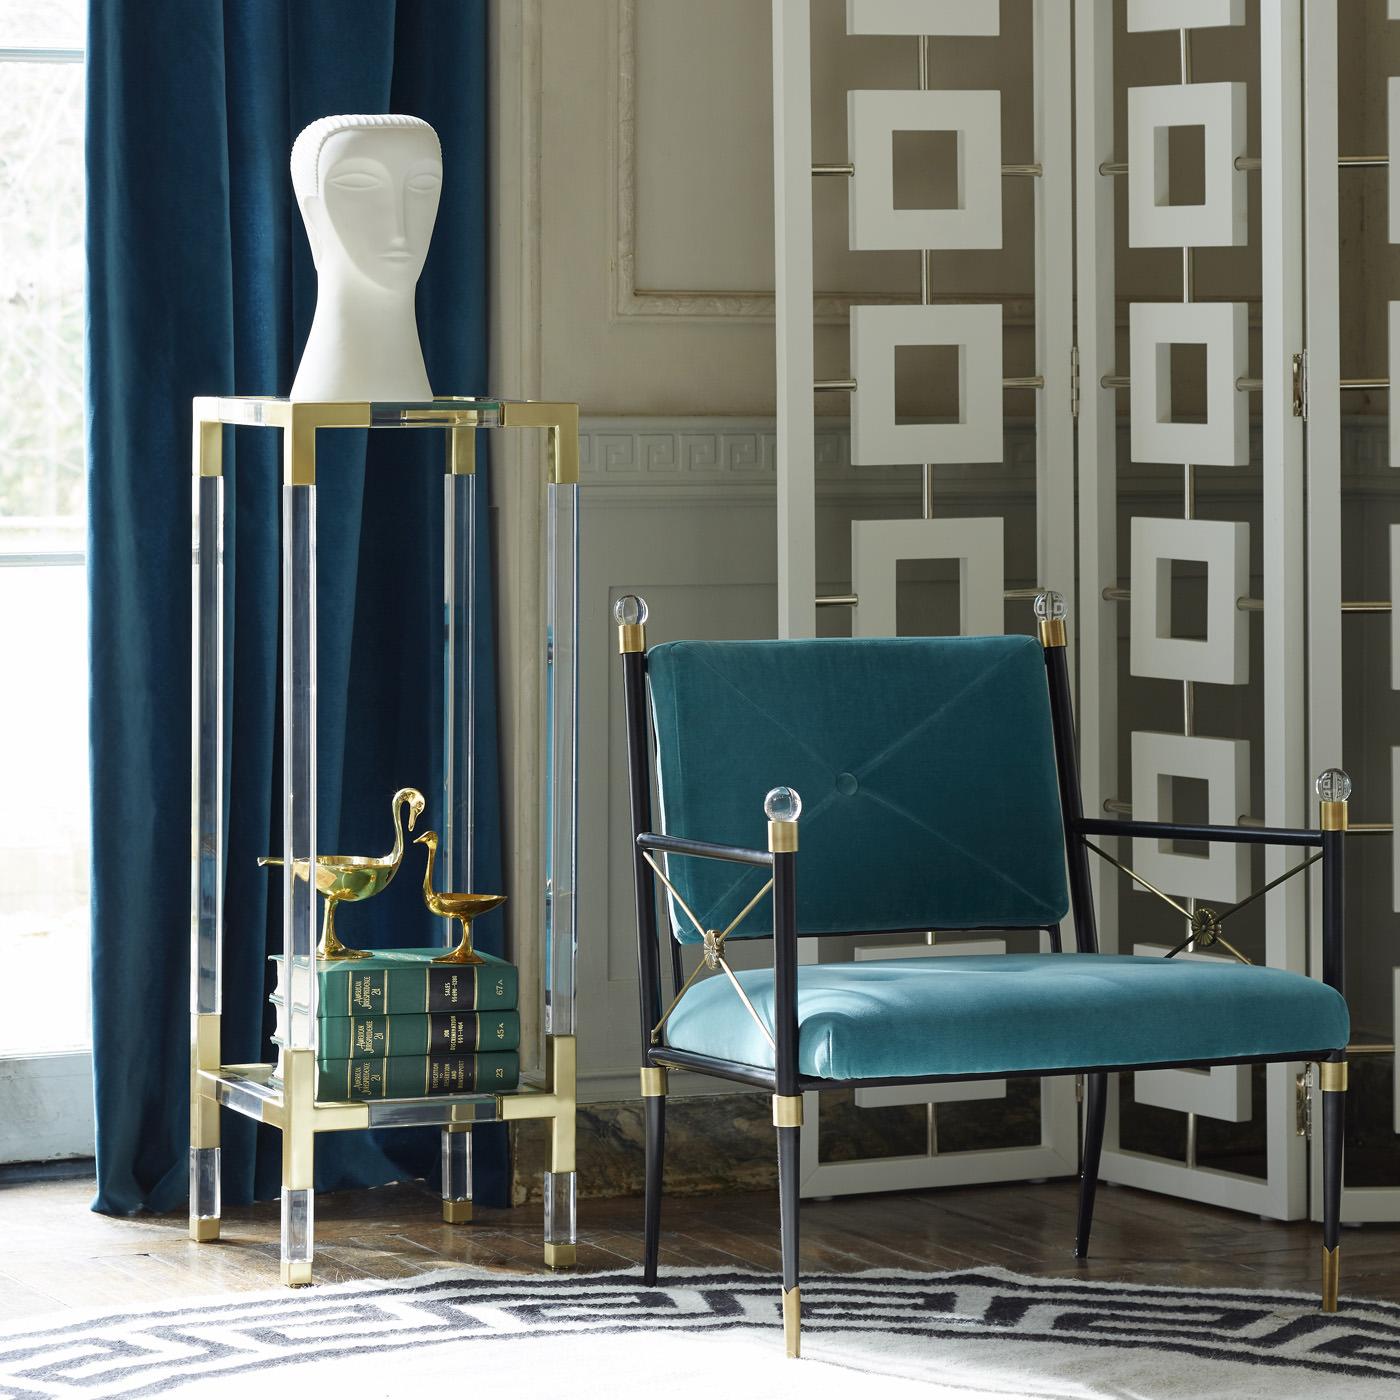 Lucite pedestal table from Jonathan Adler